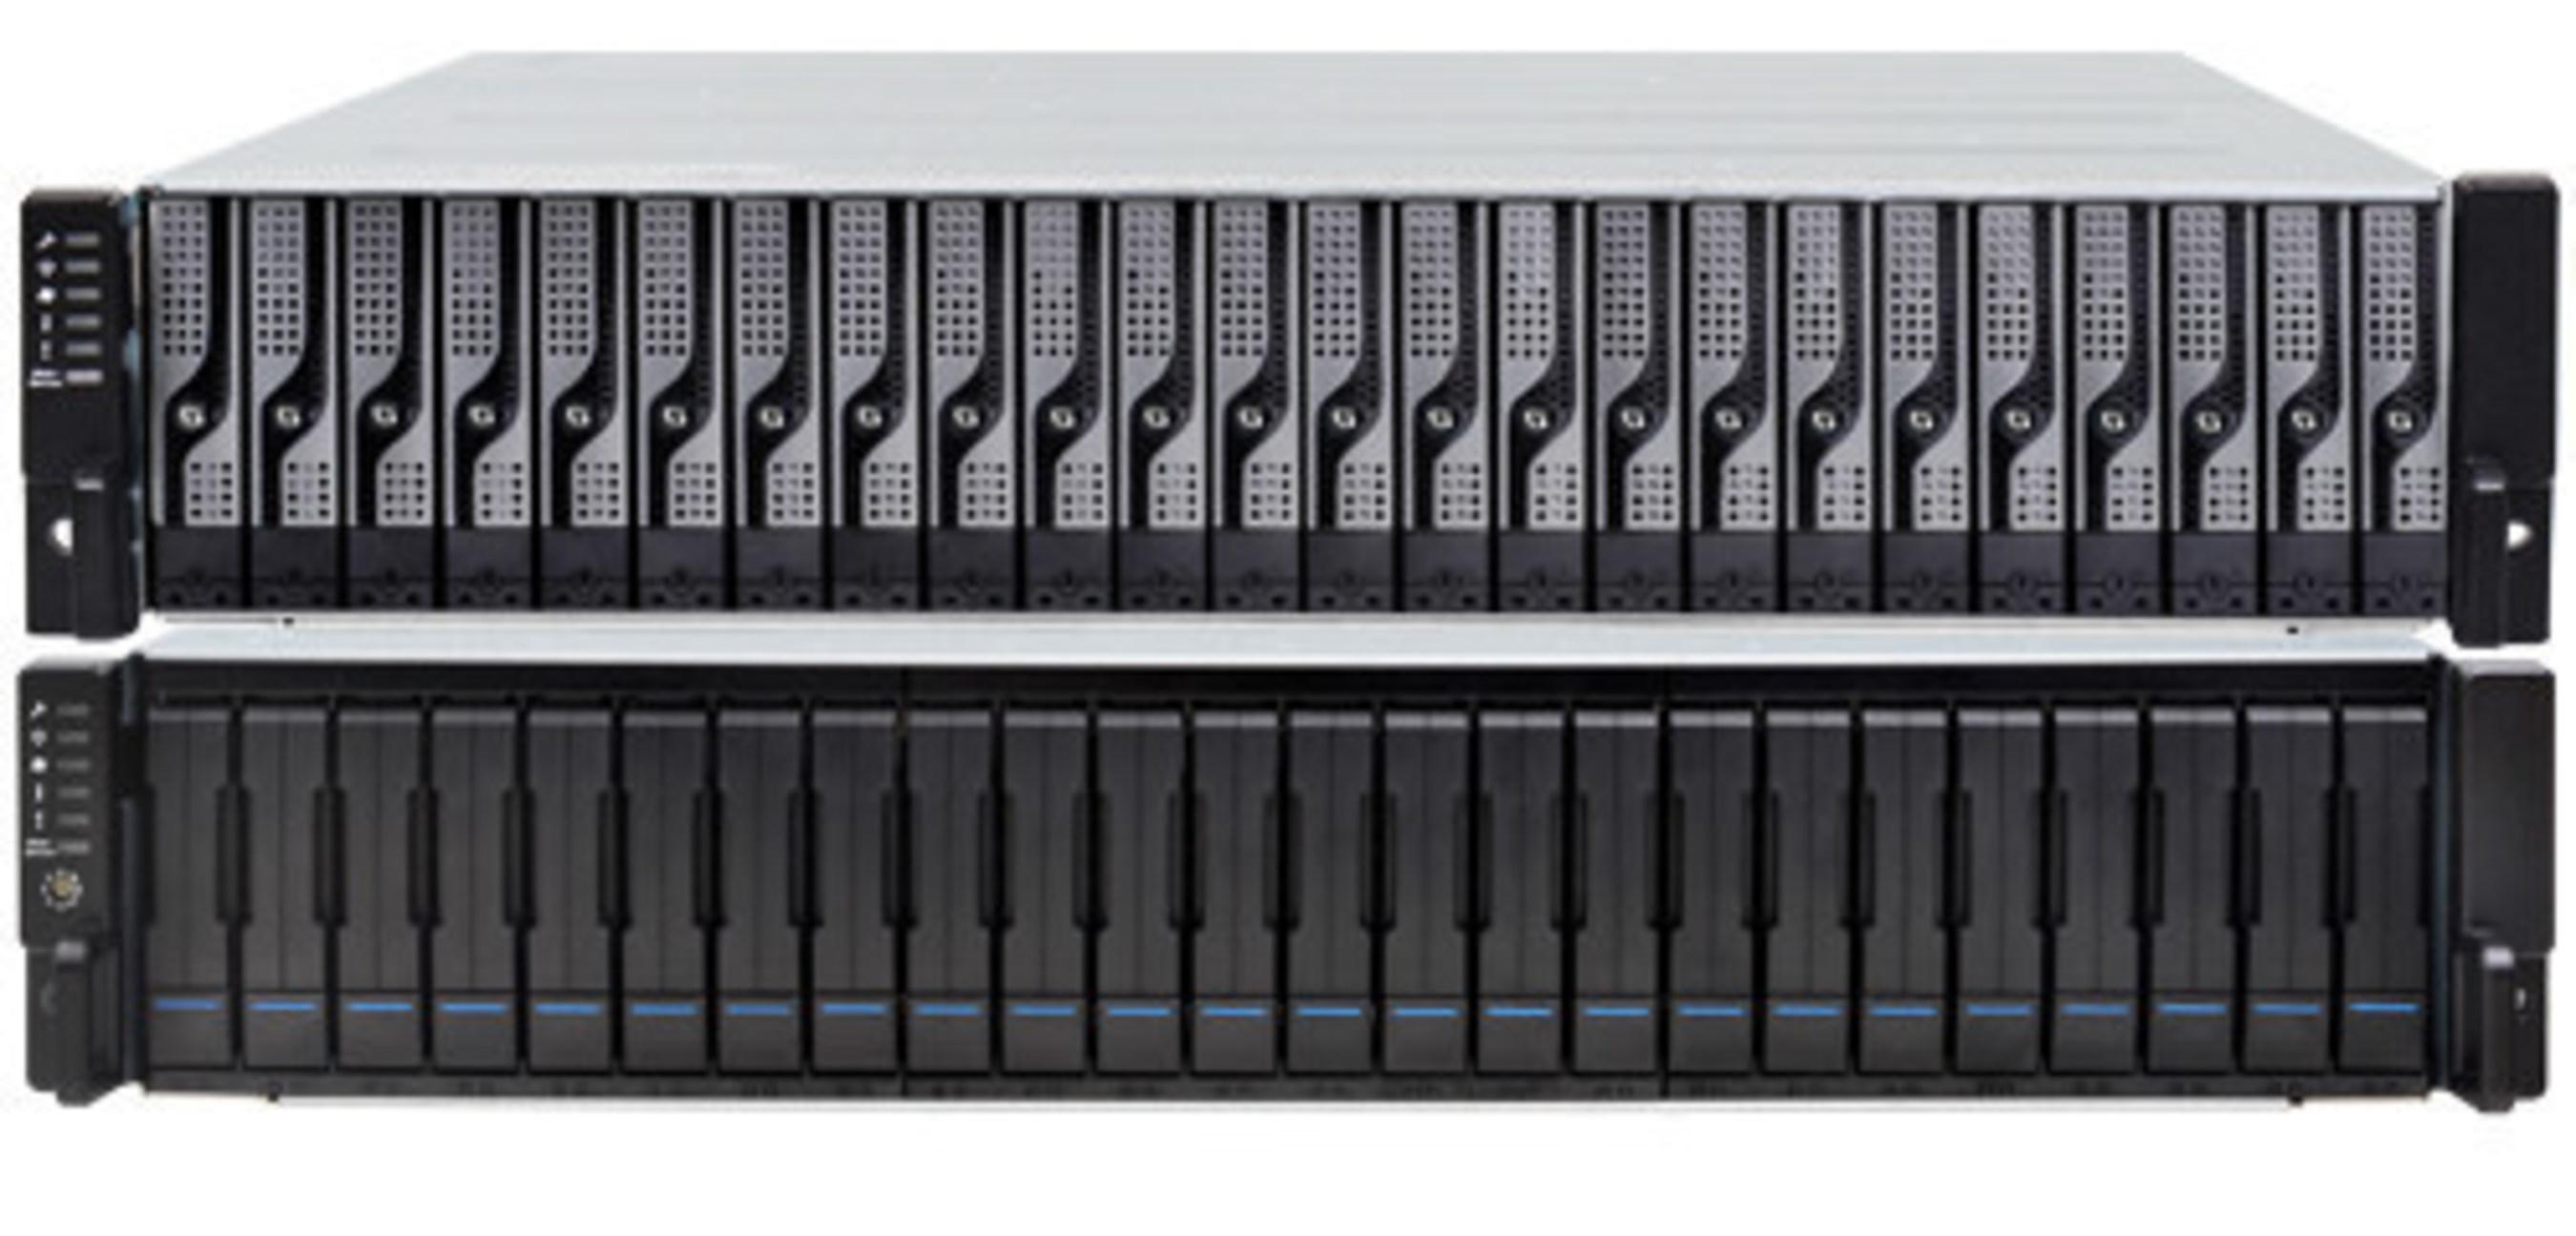 Infortrend представляет системы хранения данных EonStor DS 4024B для оптимального использования